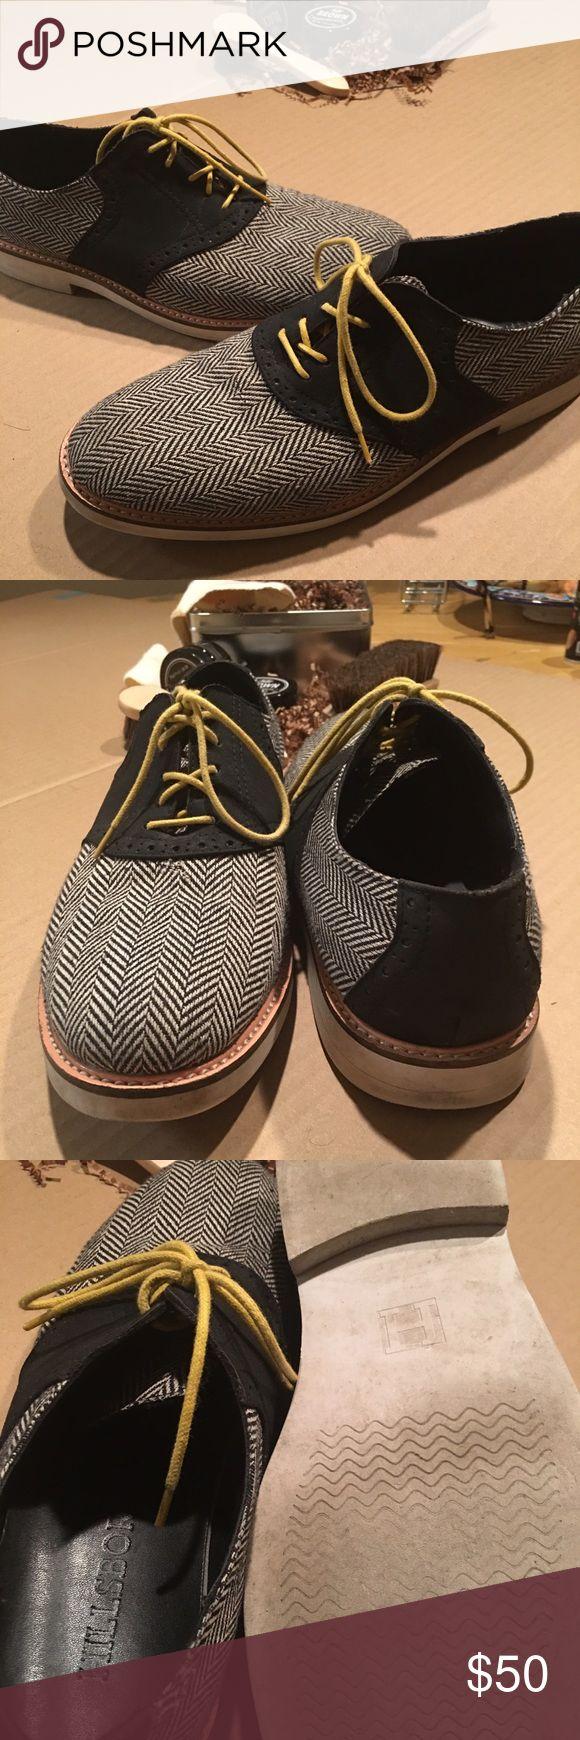 Hillsboro Saddle Shoes